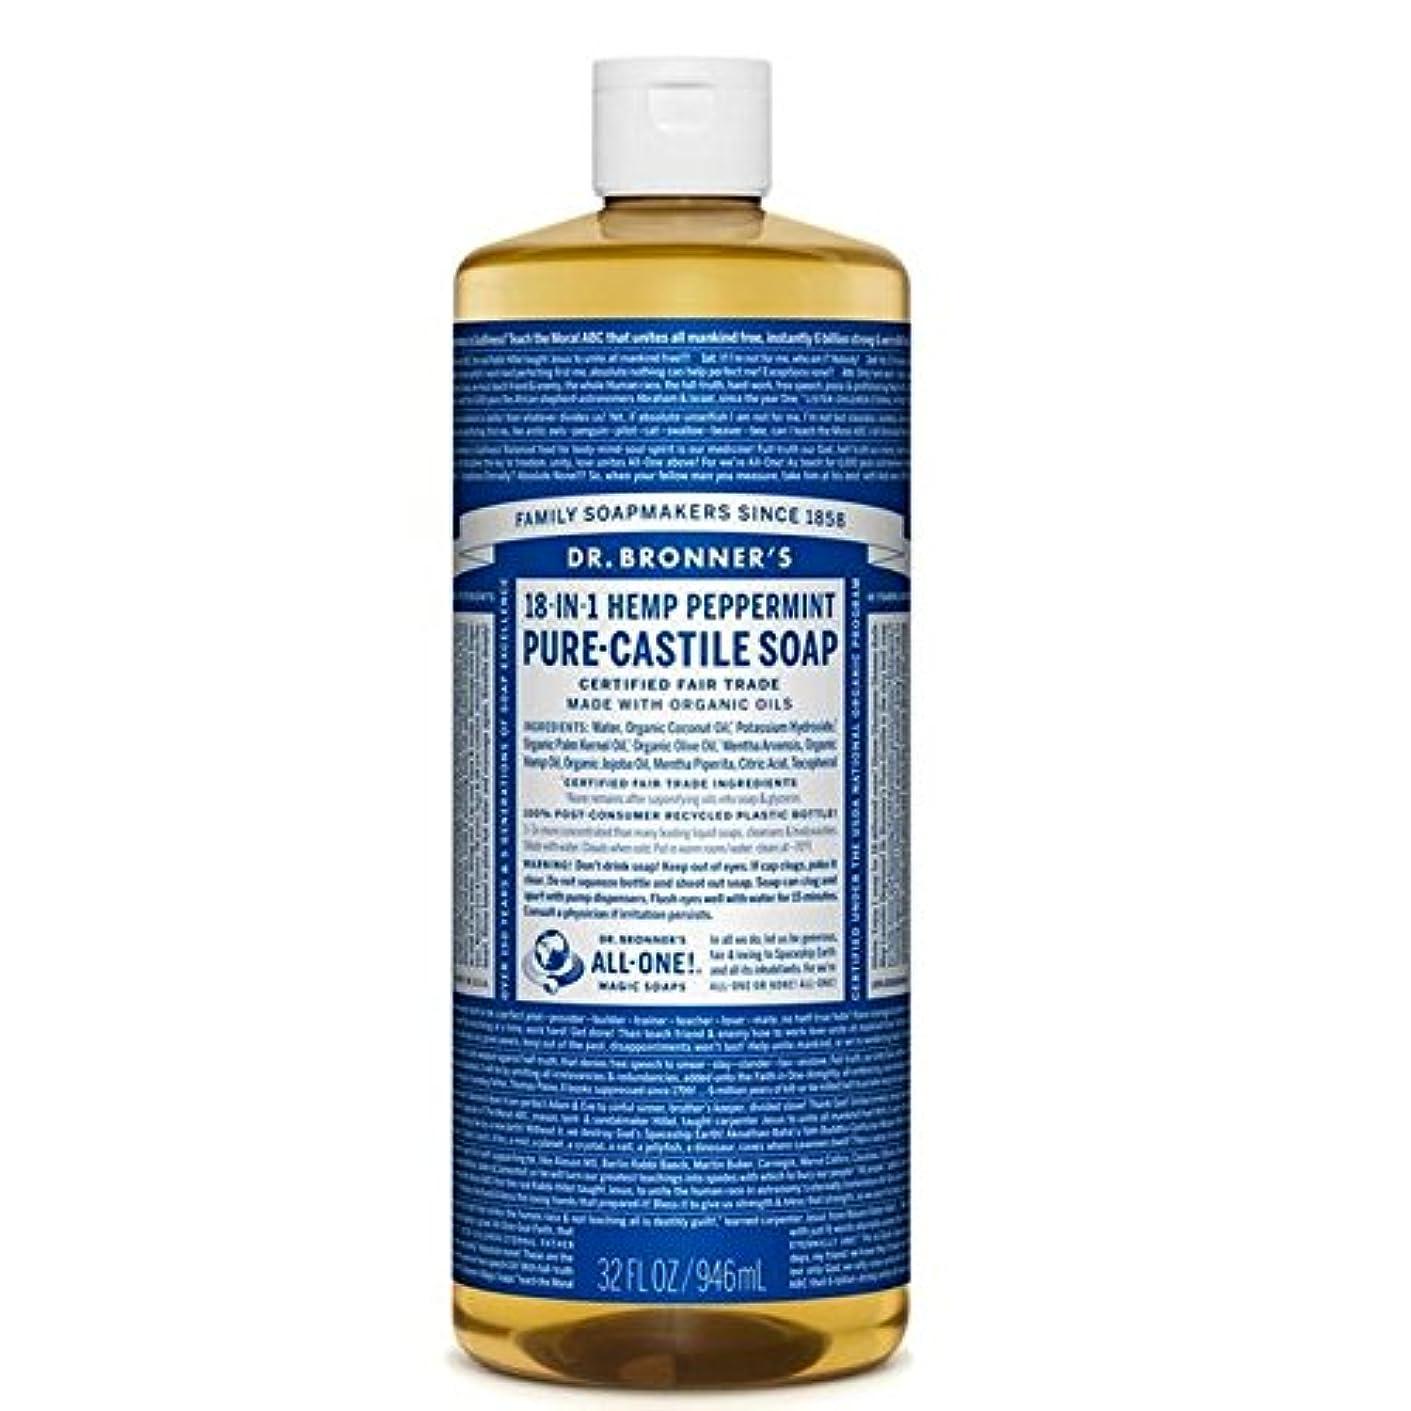 衣類公園ネクタイのブロナー有機ペパーミントカスティーリャ液体石鹸946ミリリットル x2 - Dr Bronner Organic Peppermint Castile Liquid Soap 946ml (Pack of 2) [並行輸入品]